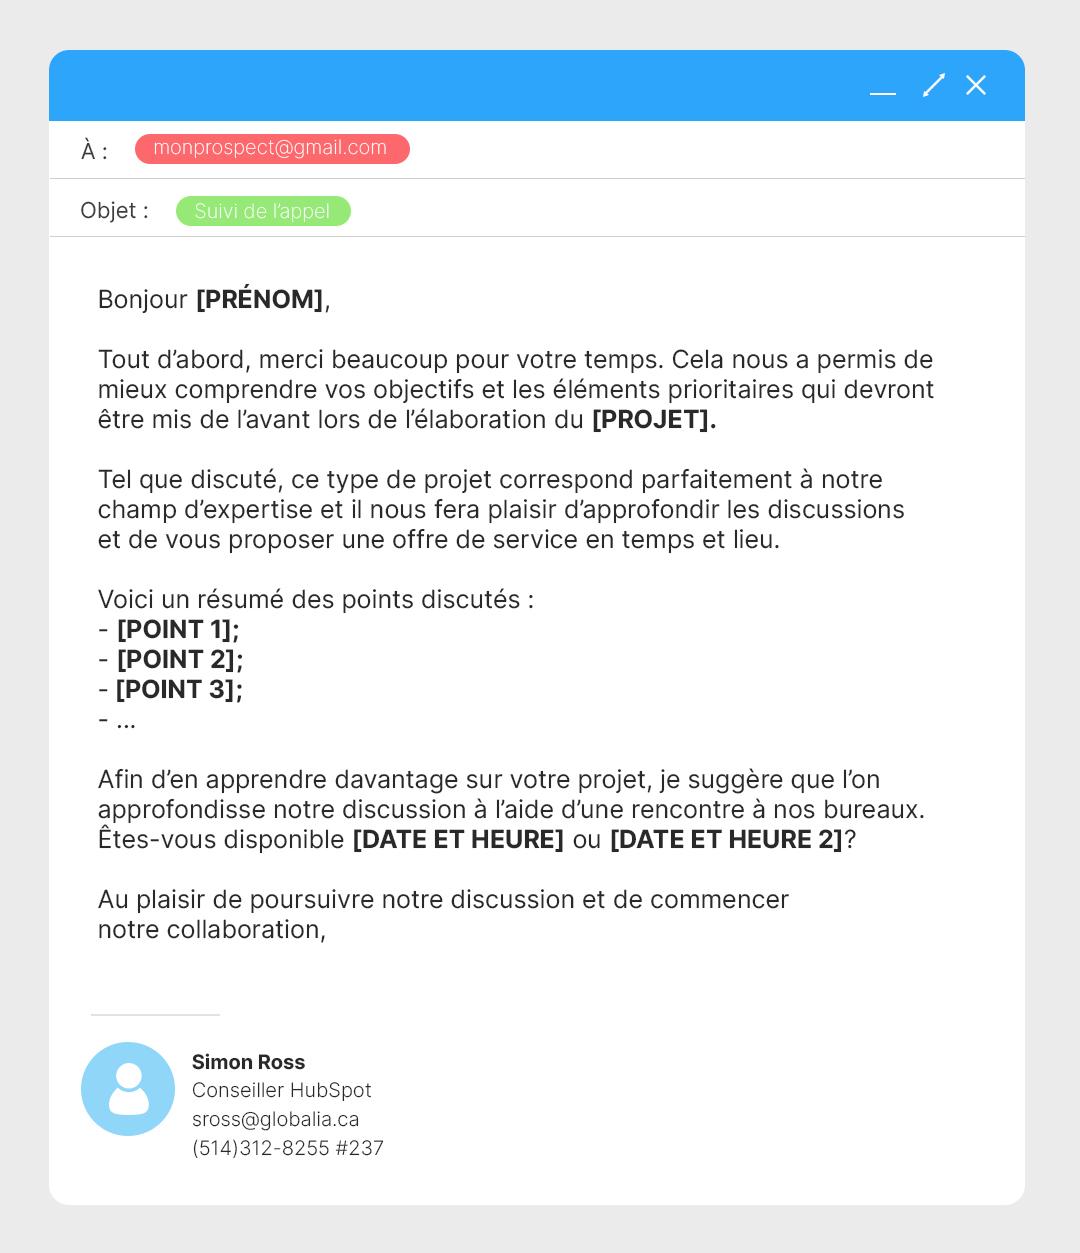 Modèles de courriels - prospect positif